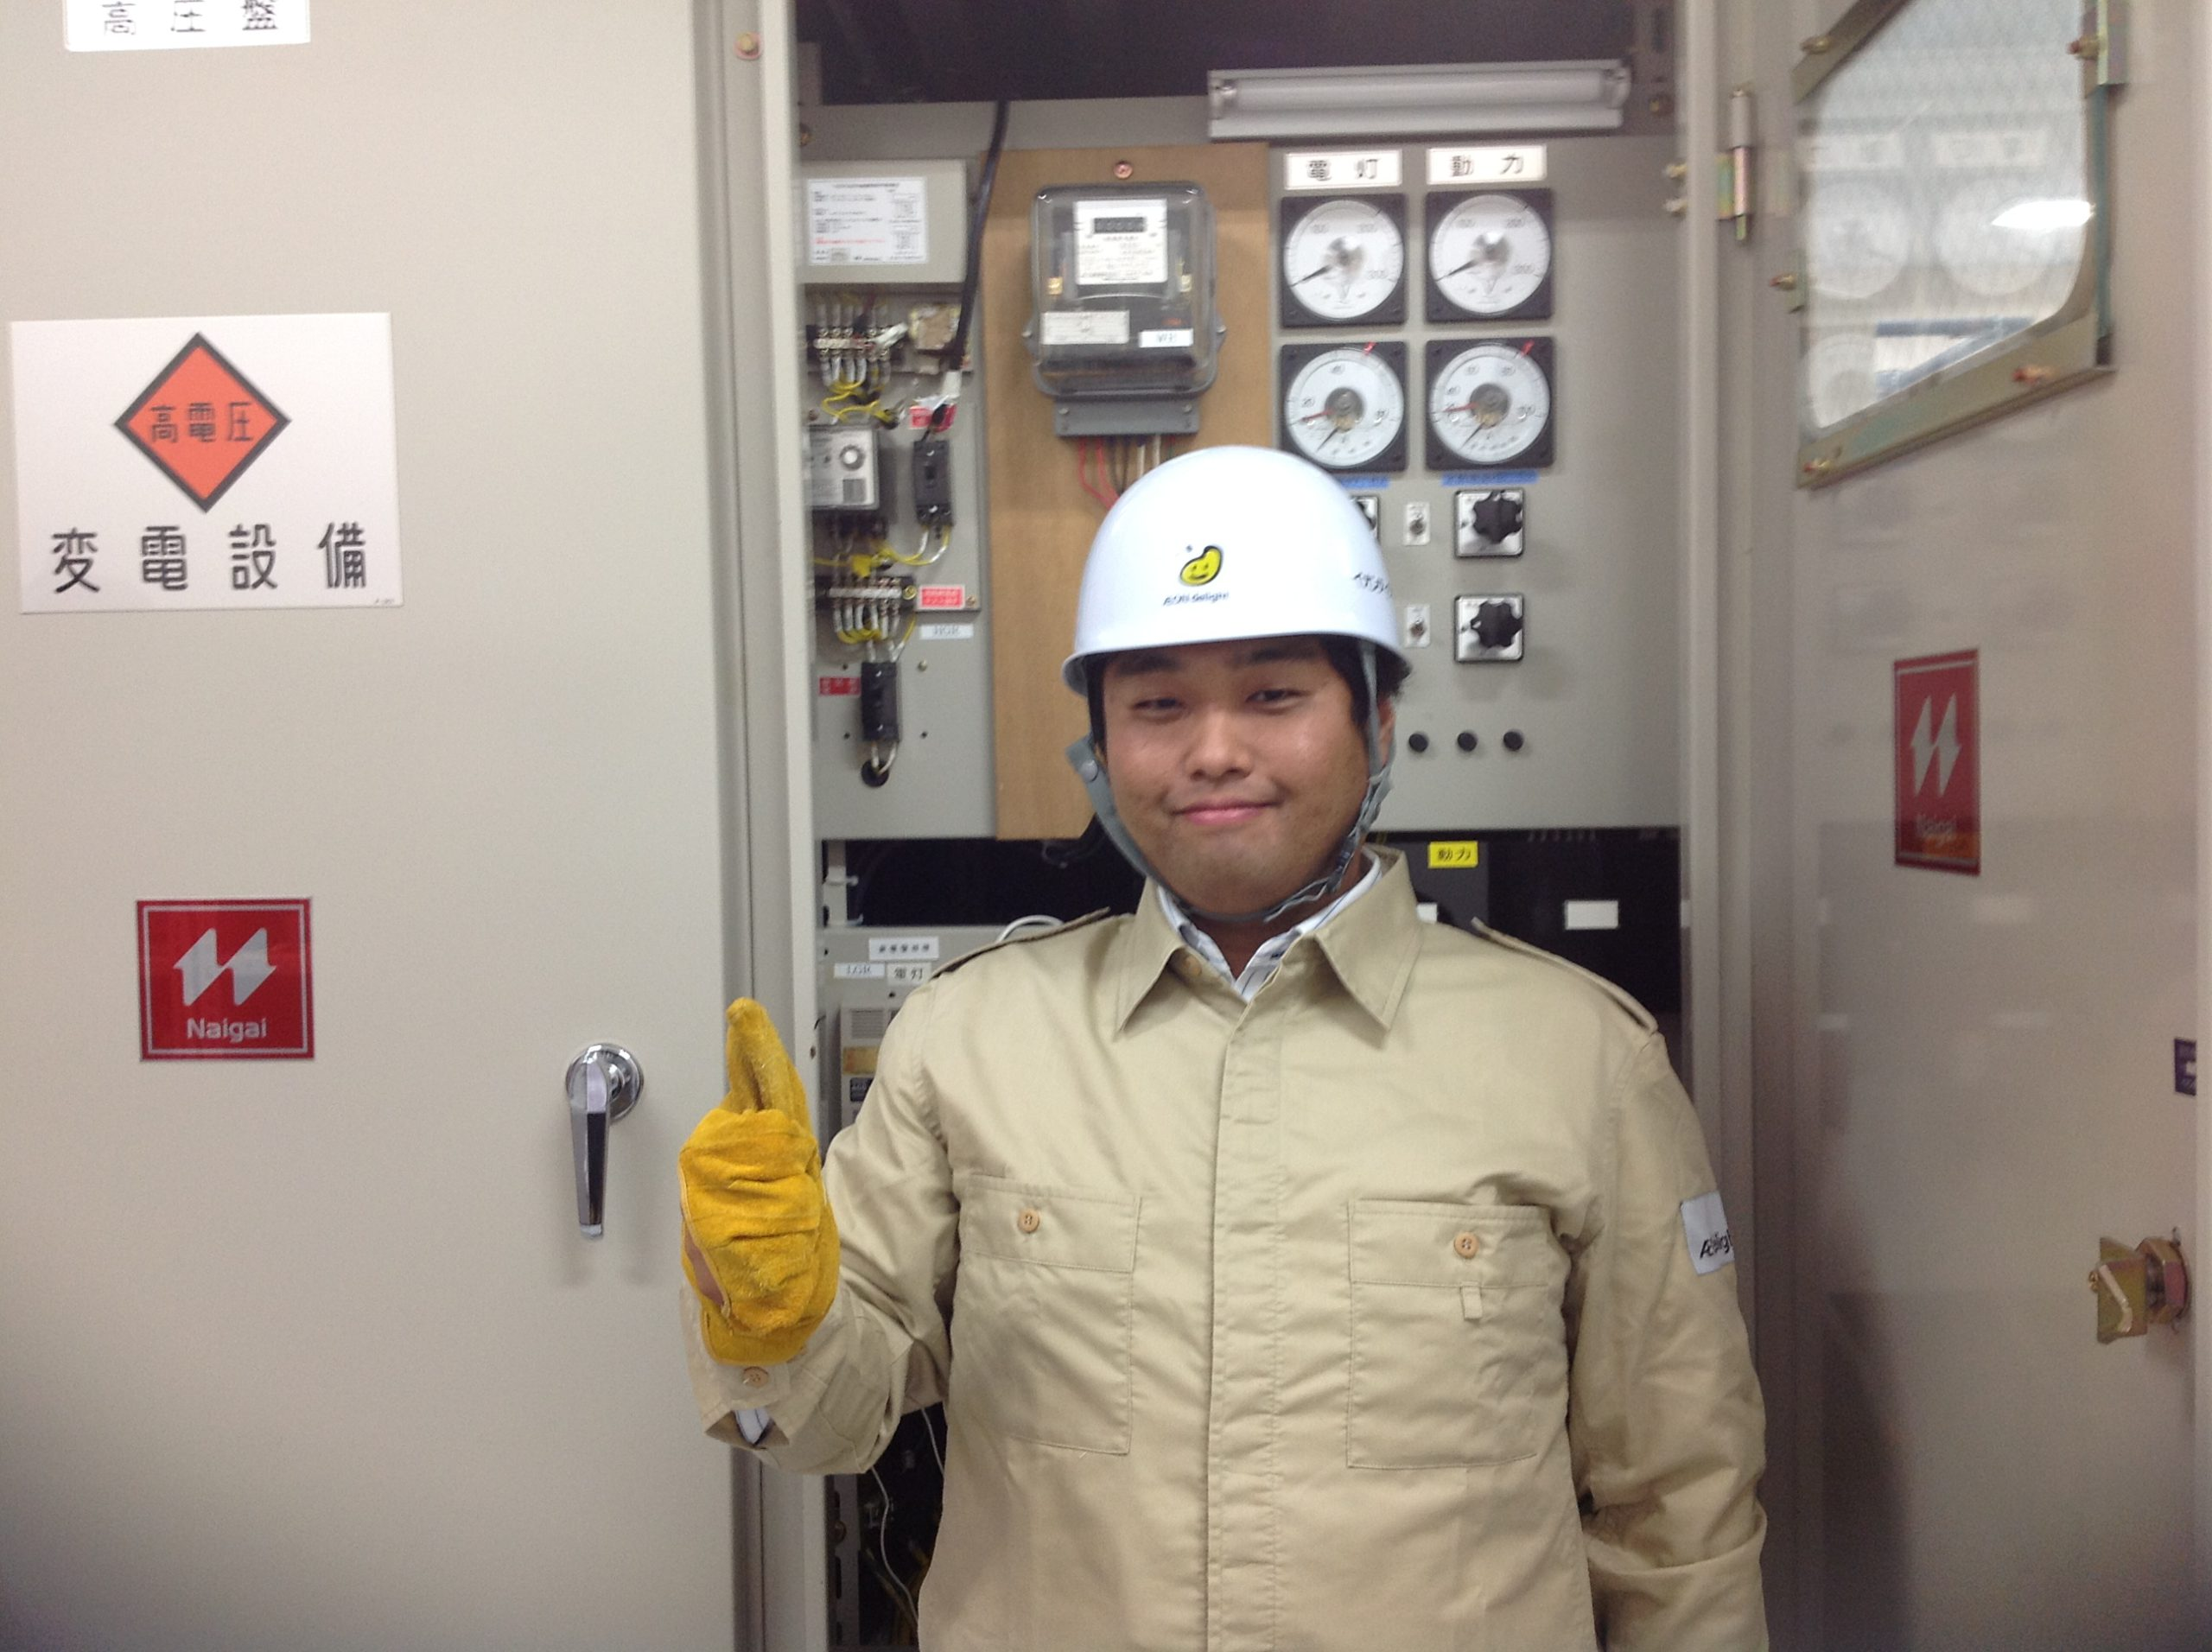 複合施設での設備管理スタッフ